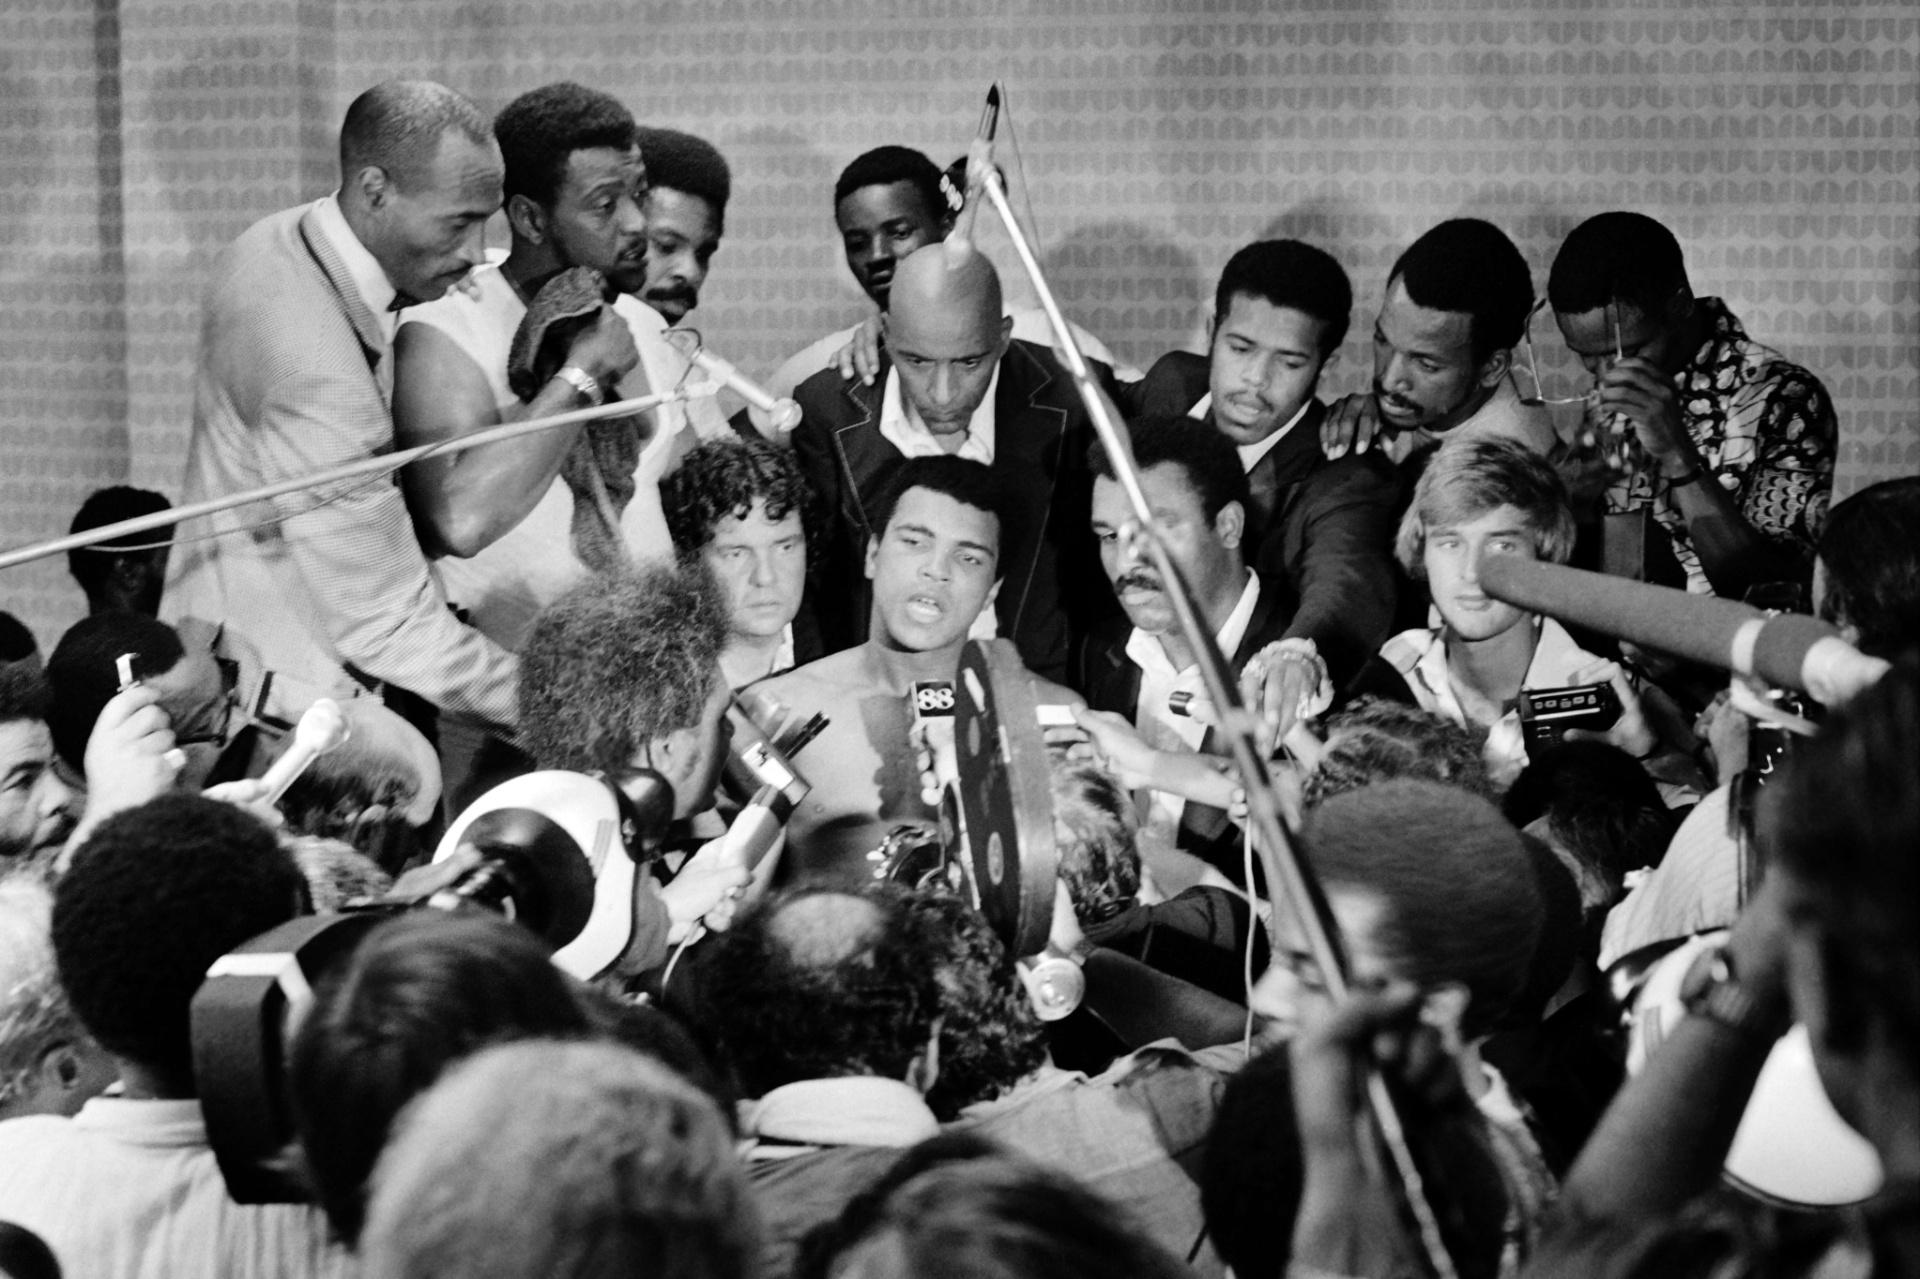 Muhammad Ali também se destacou por suas falas, inteligentes, ácidas, bem-humoradas, e que ganharam força com a vitória sobre o favorito Foreman